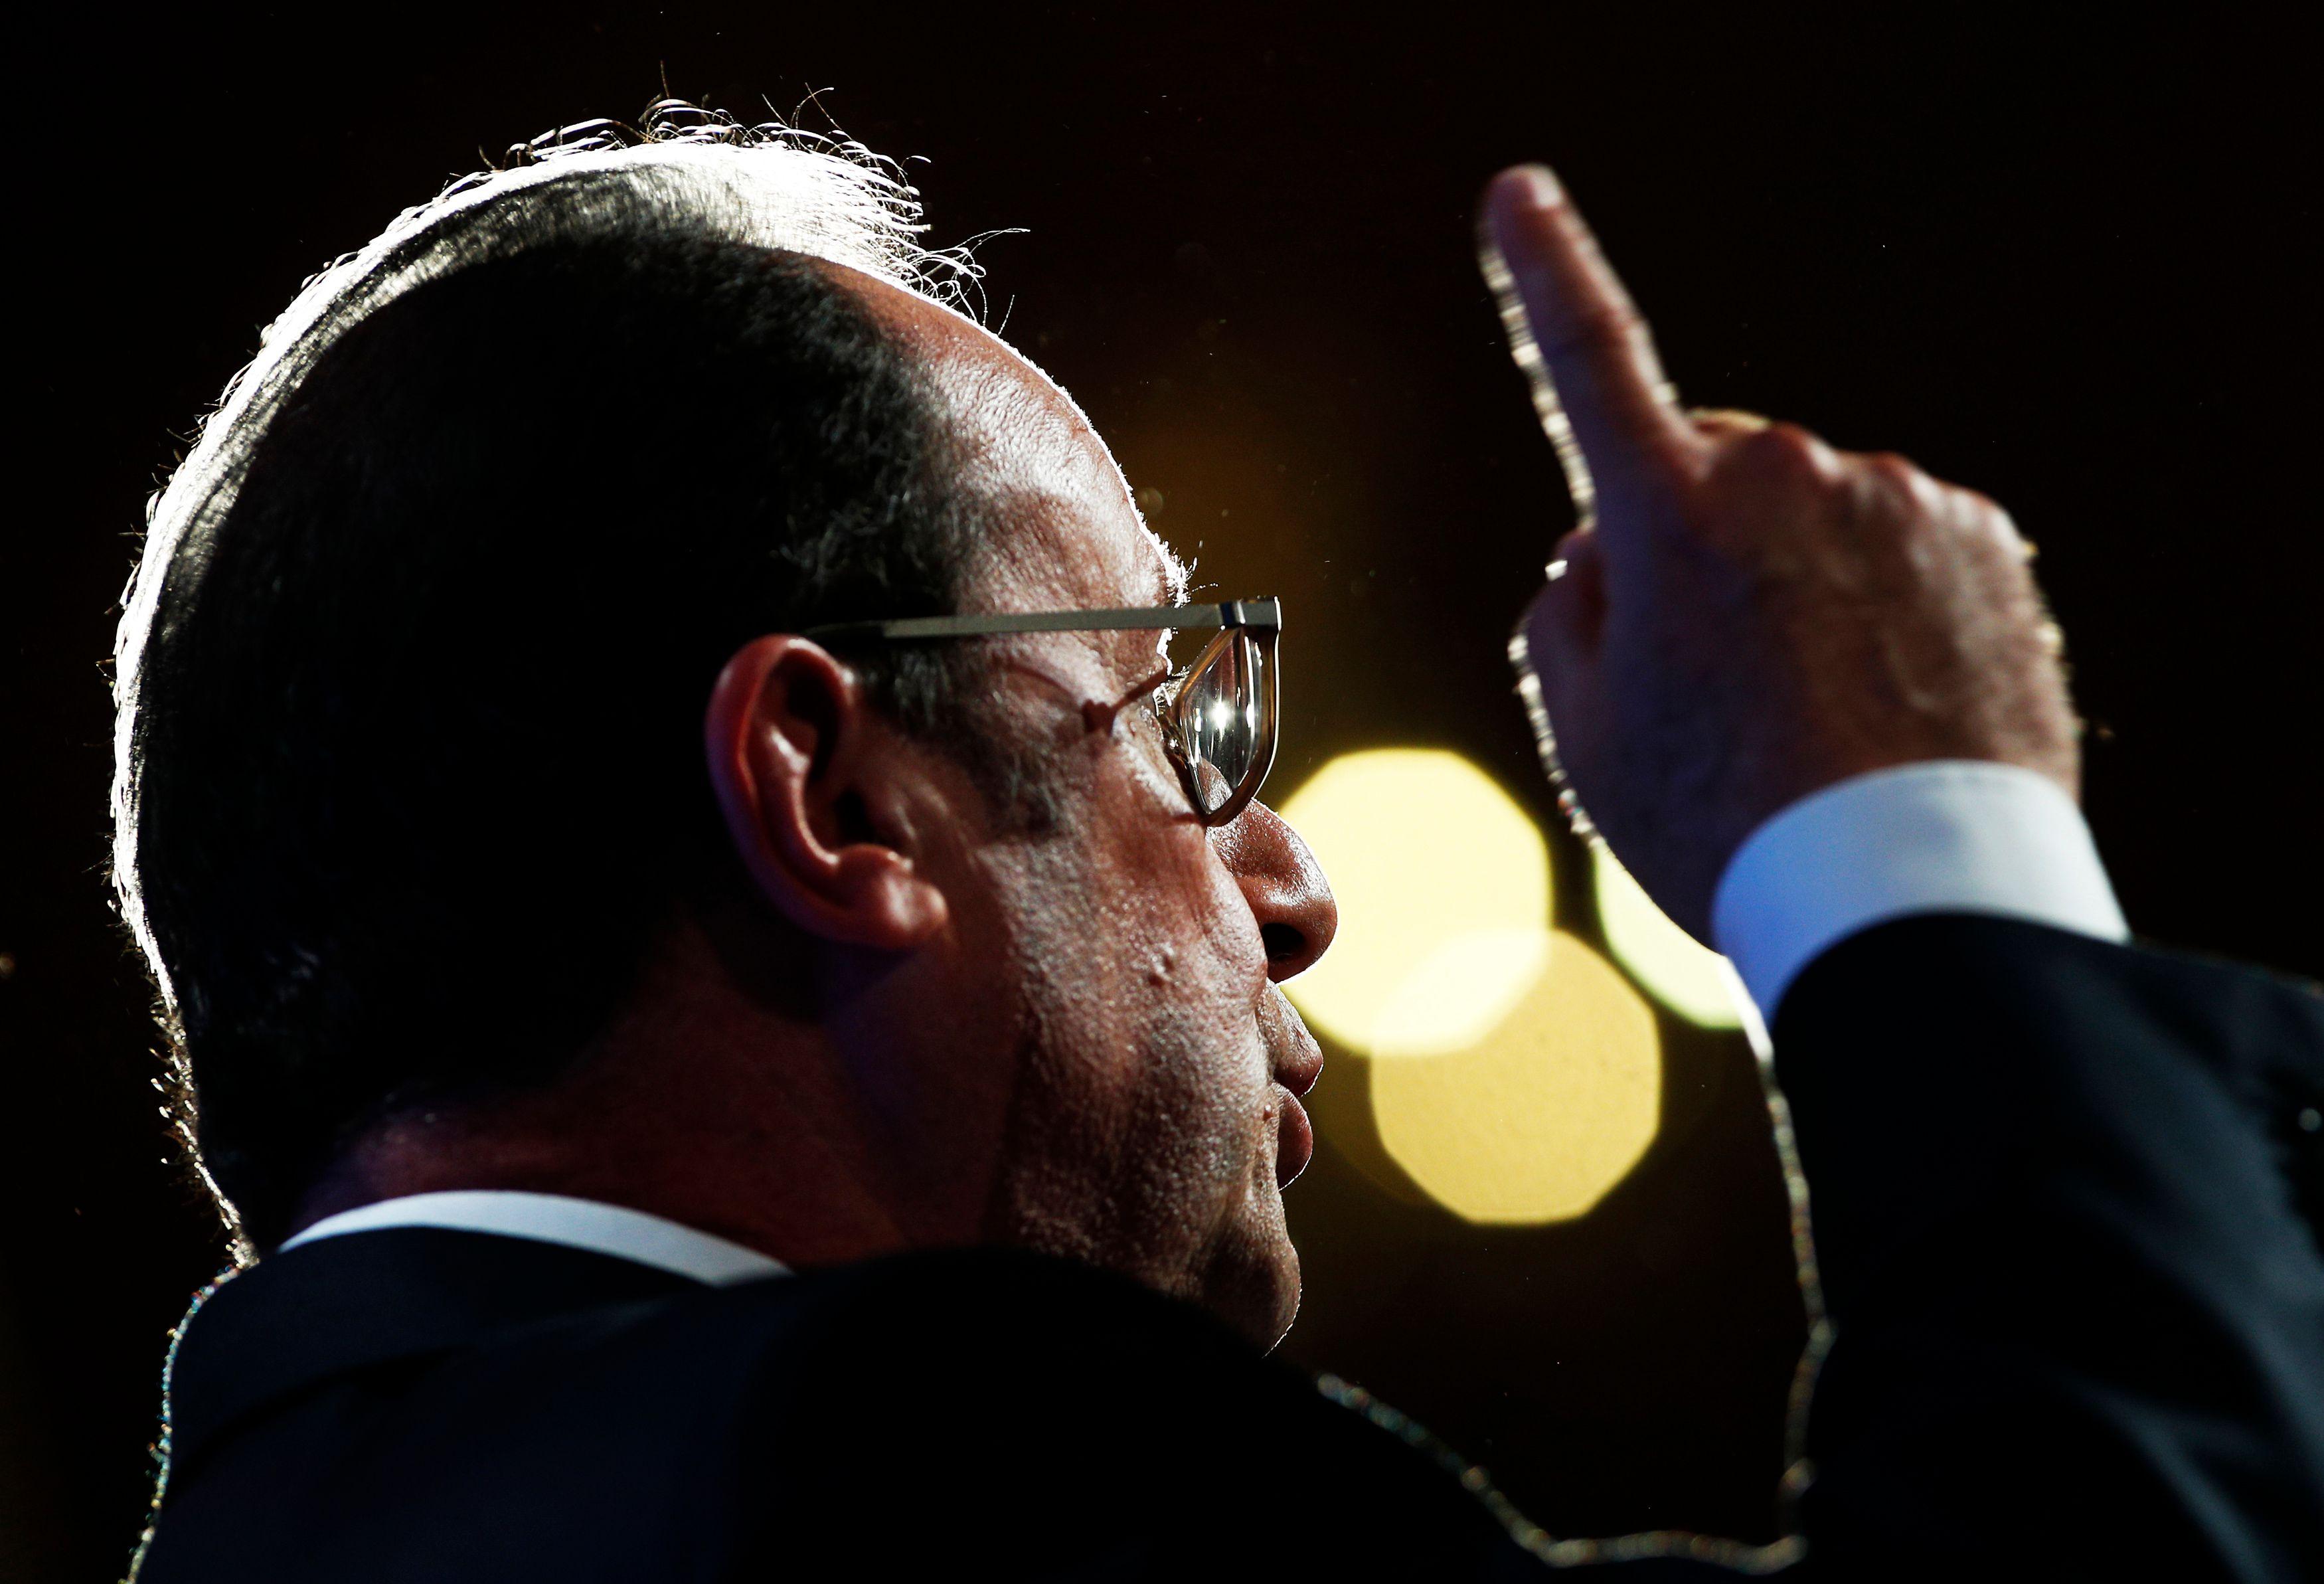 Et si François Hollande avait eu tort de dire tout haut ce qu'il pensait des juges... mais raison sur le fond ?